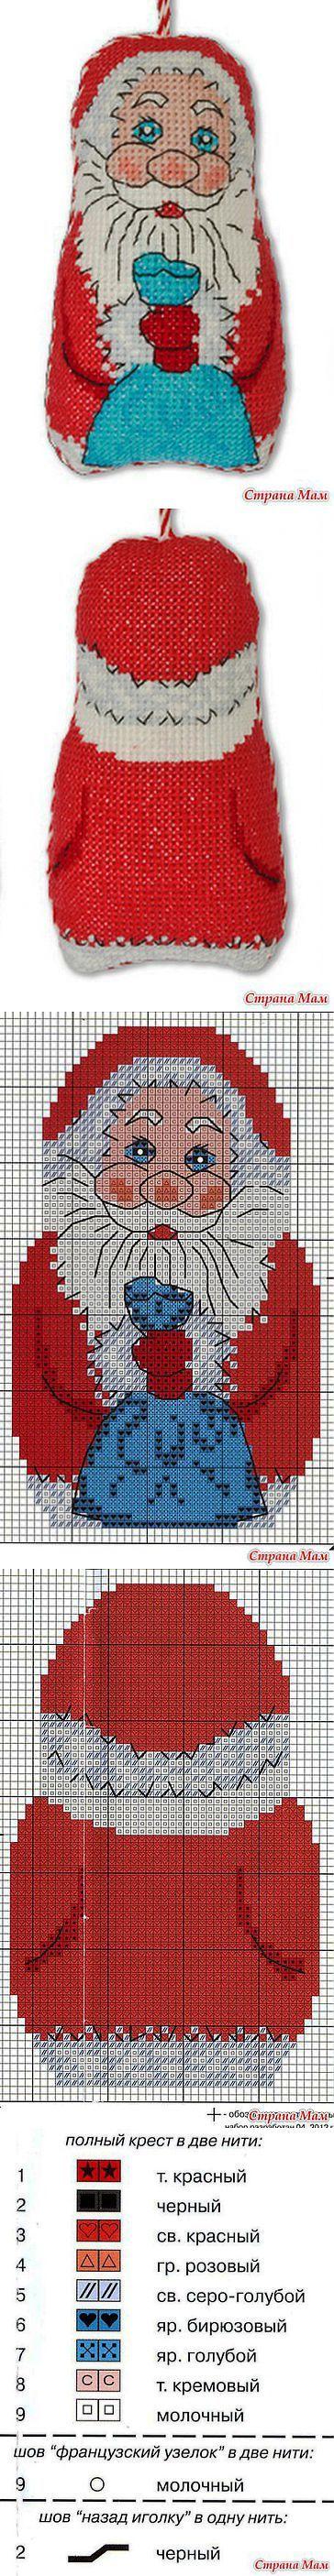 Декоративная подвеска 'Дед Мороз': Дневник группы 'Бискорню и другие 'кривульки'' - Страна Мам